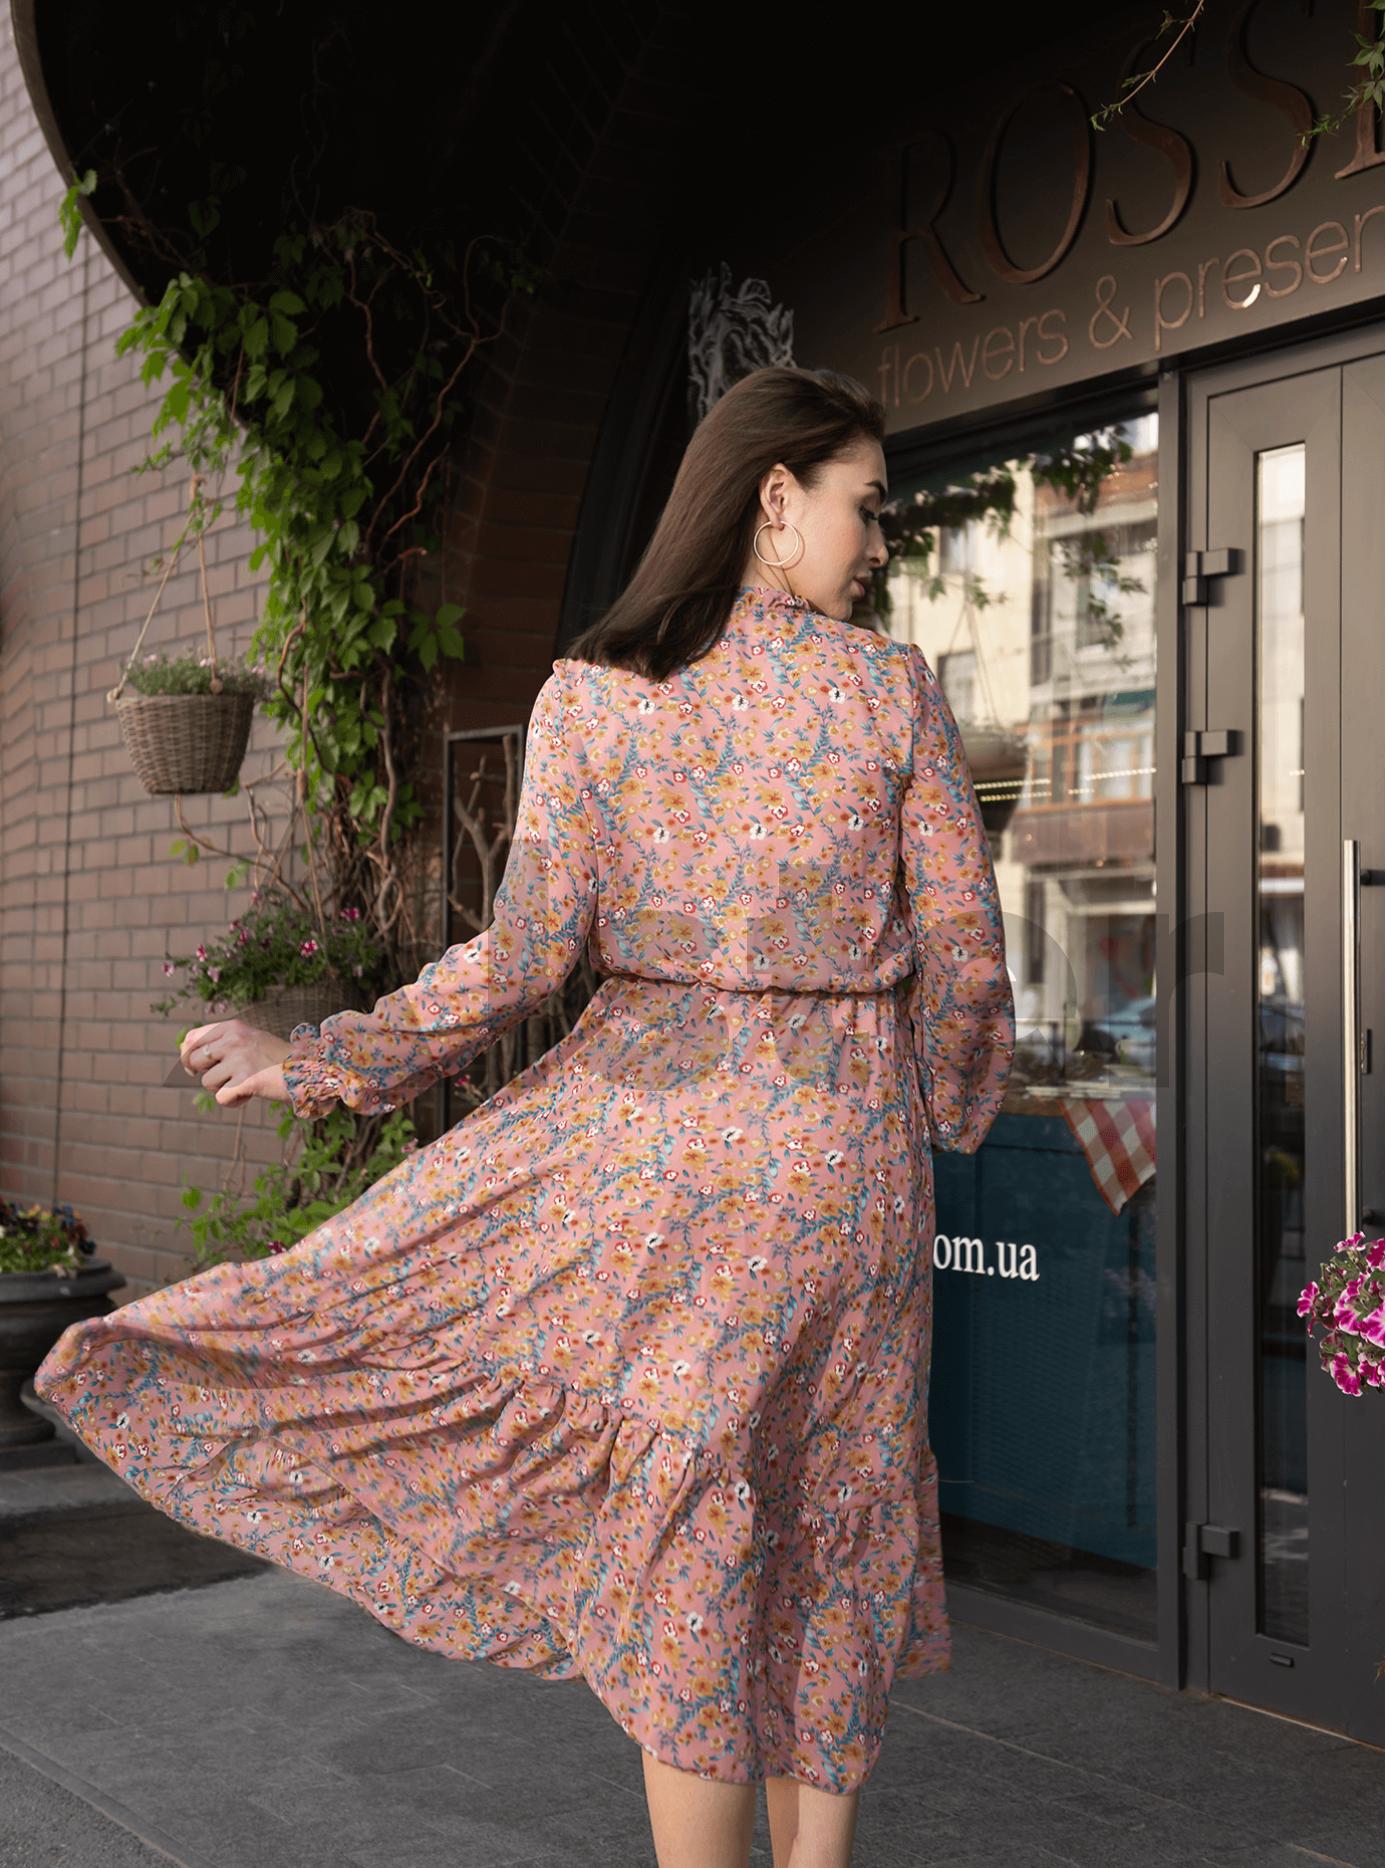 Платье Shifon long Розовый M (04-8987902): фото - Alster.ua